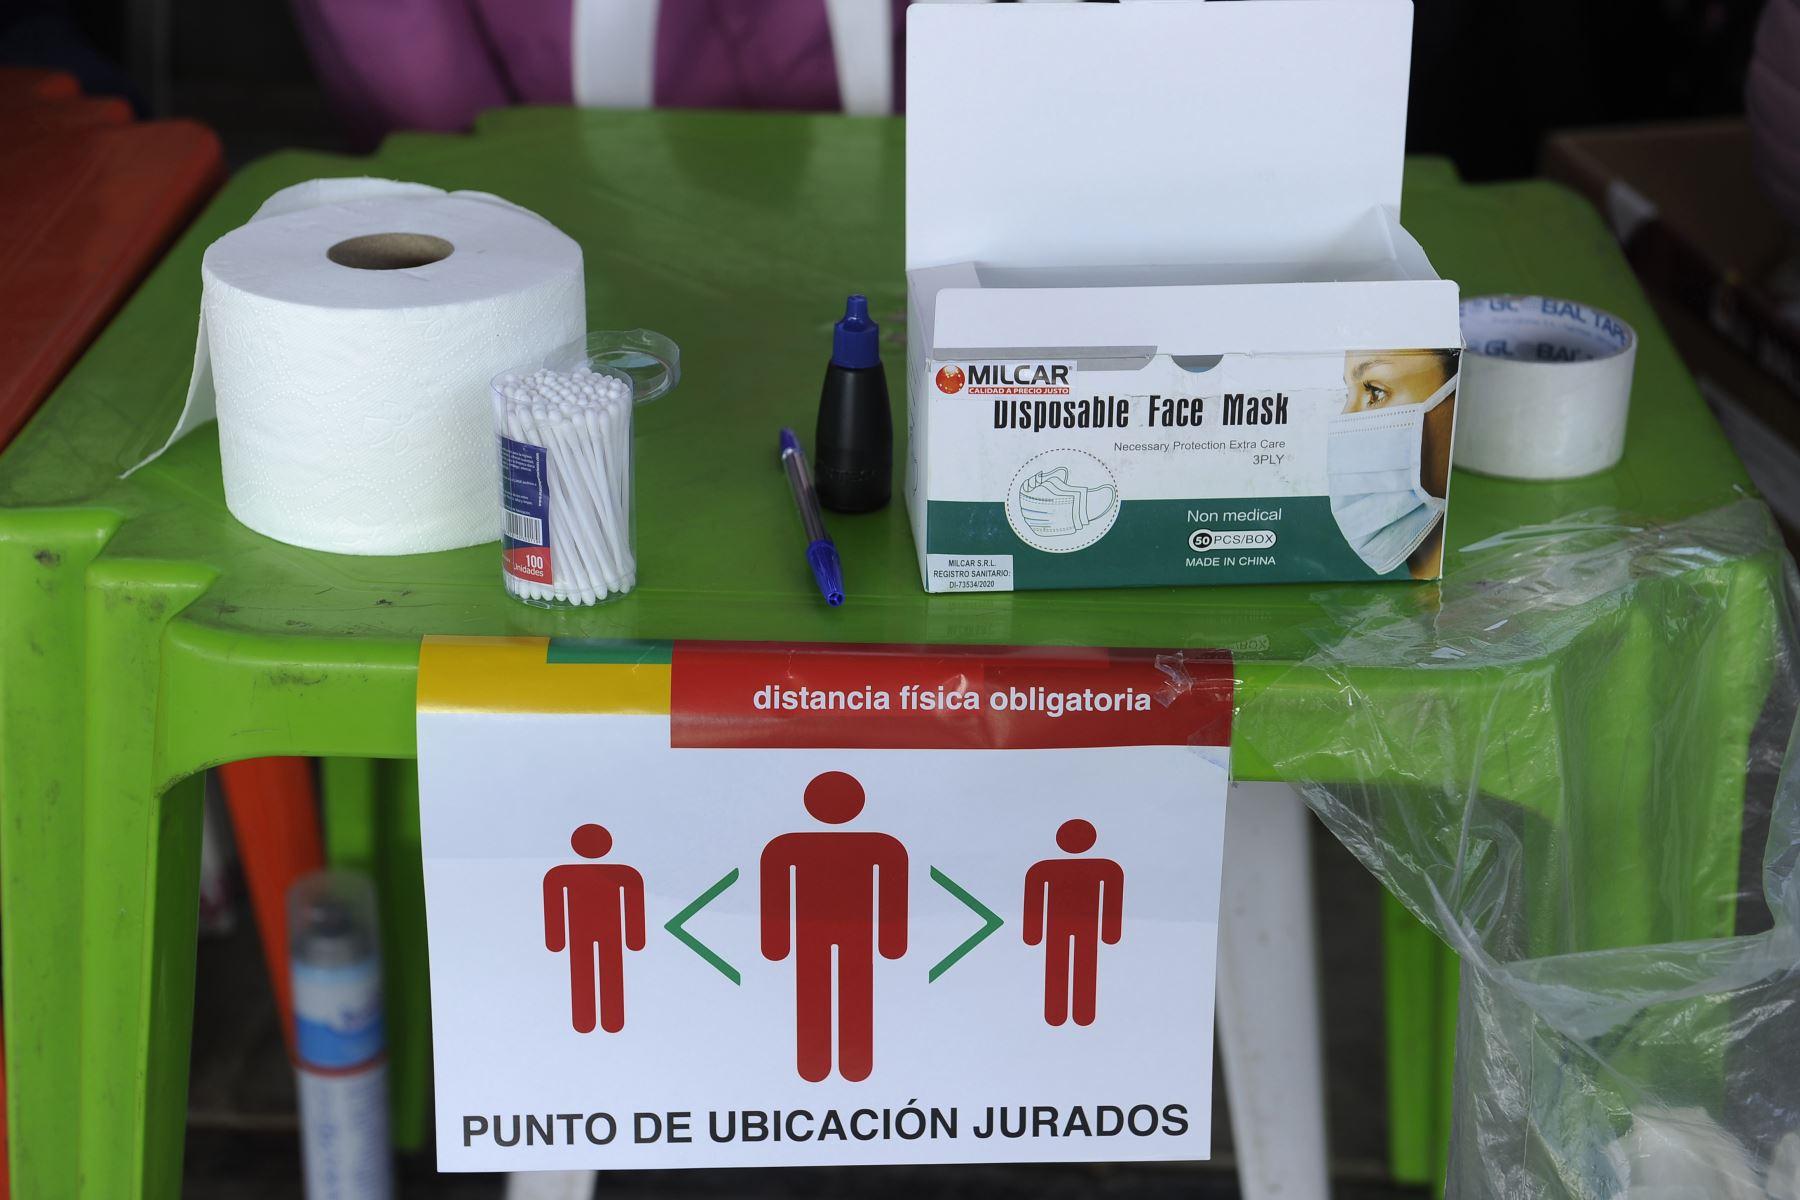 Máscaras faciales y otros implementos están disponibles en un colegio electoral en La Paz durante las elecciones generales de Bolivia que se desarrollan en medio de la pandemia. Foto: AFP